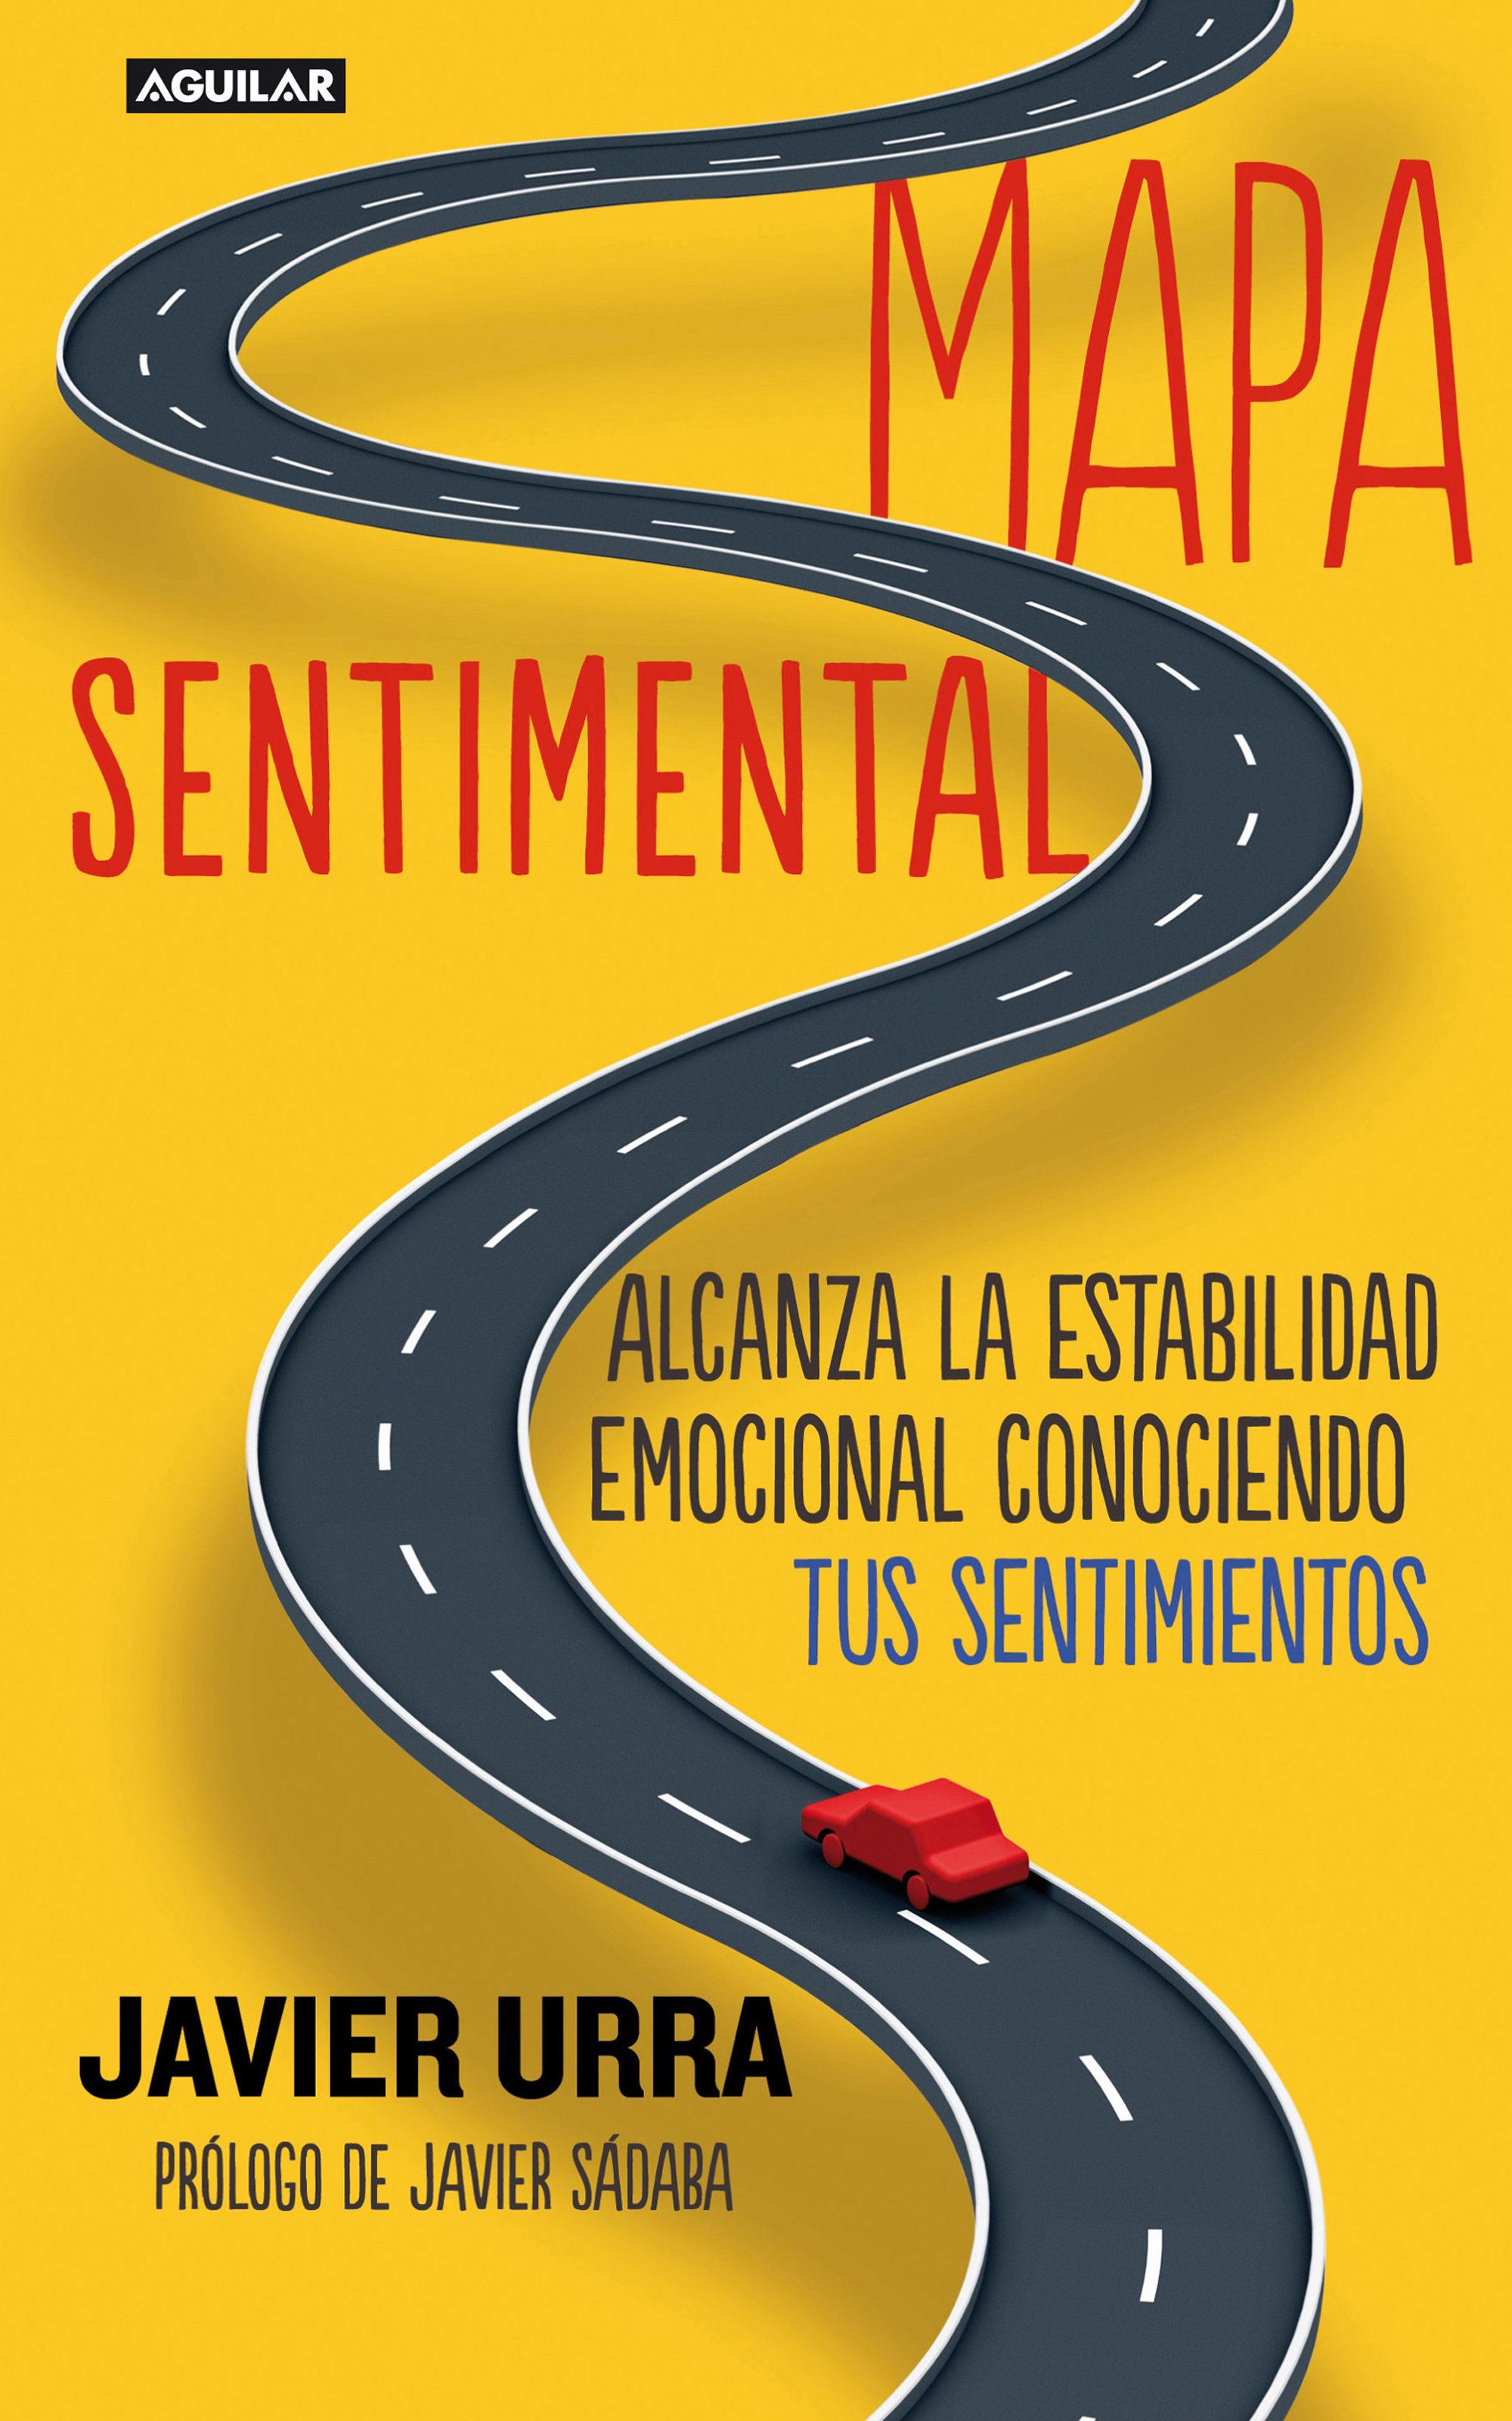 Mapa sentimental - Javier Urra